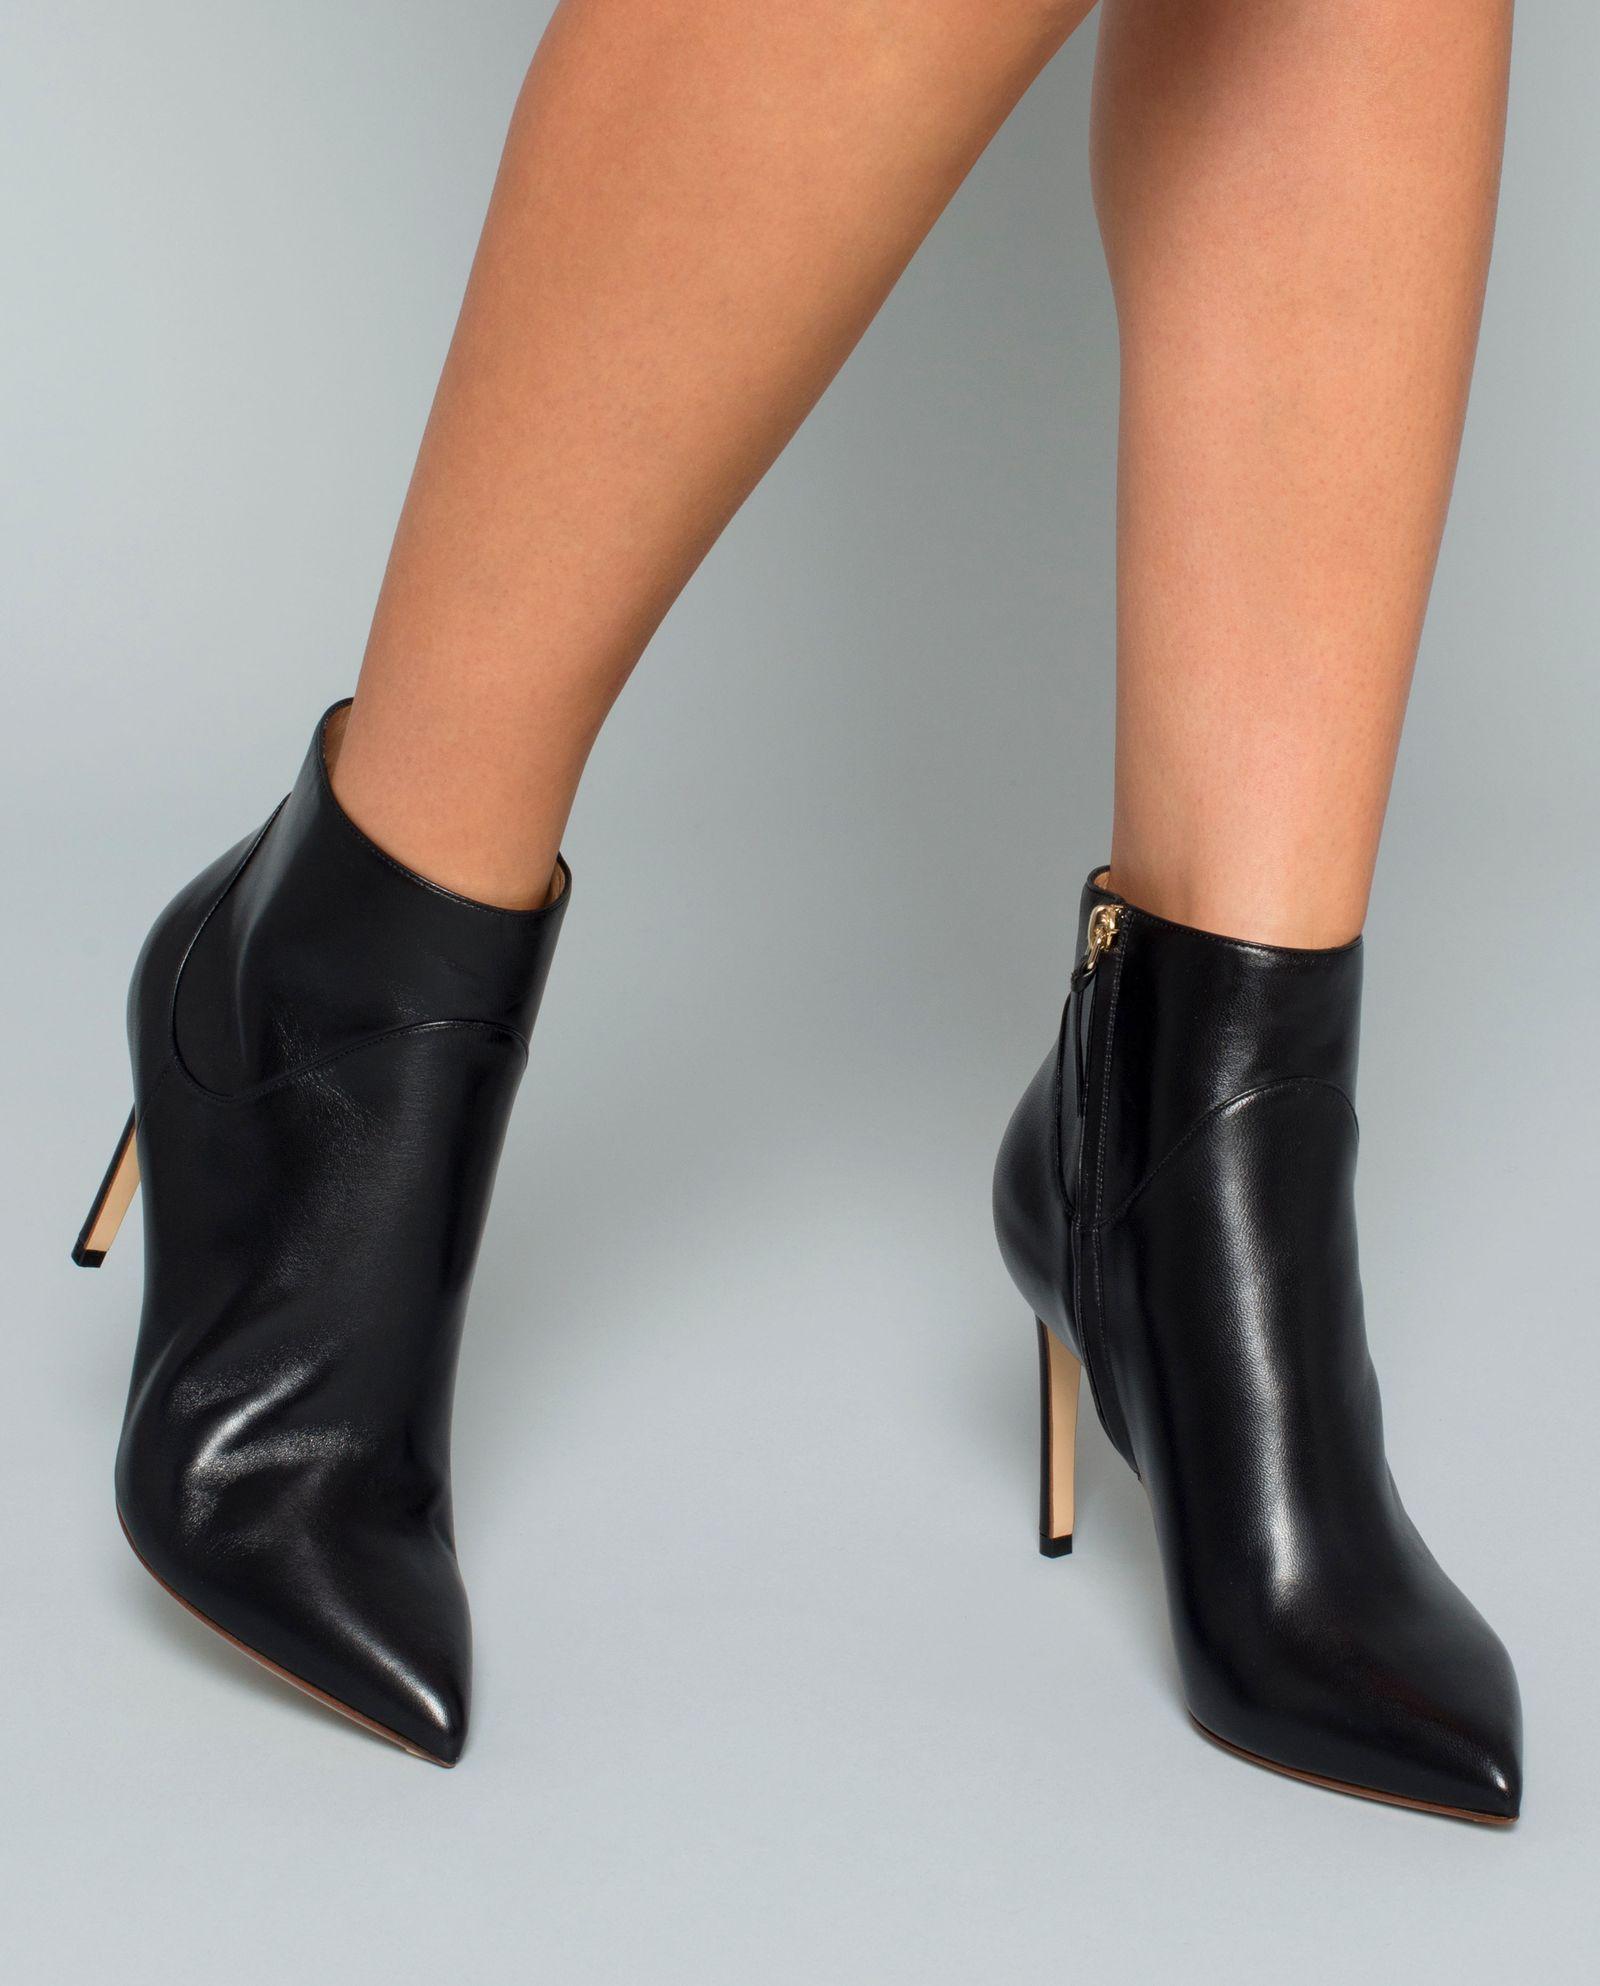 Kožené kotníkové boty na podpatku FRANCESCO RUSSO – Kup teď! Nejlepší ceny  a recenze! Obchod Moliera2.cz. 1e4a733e60